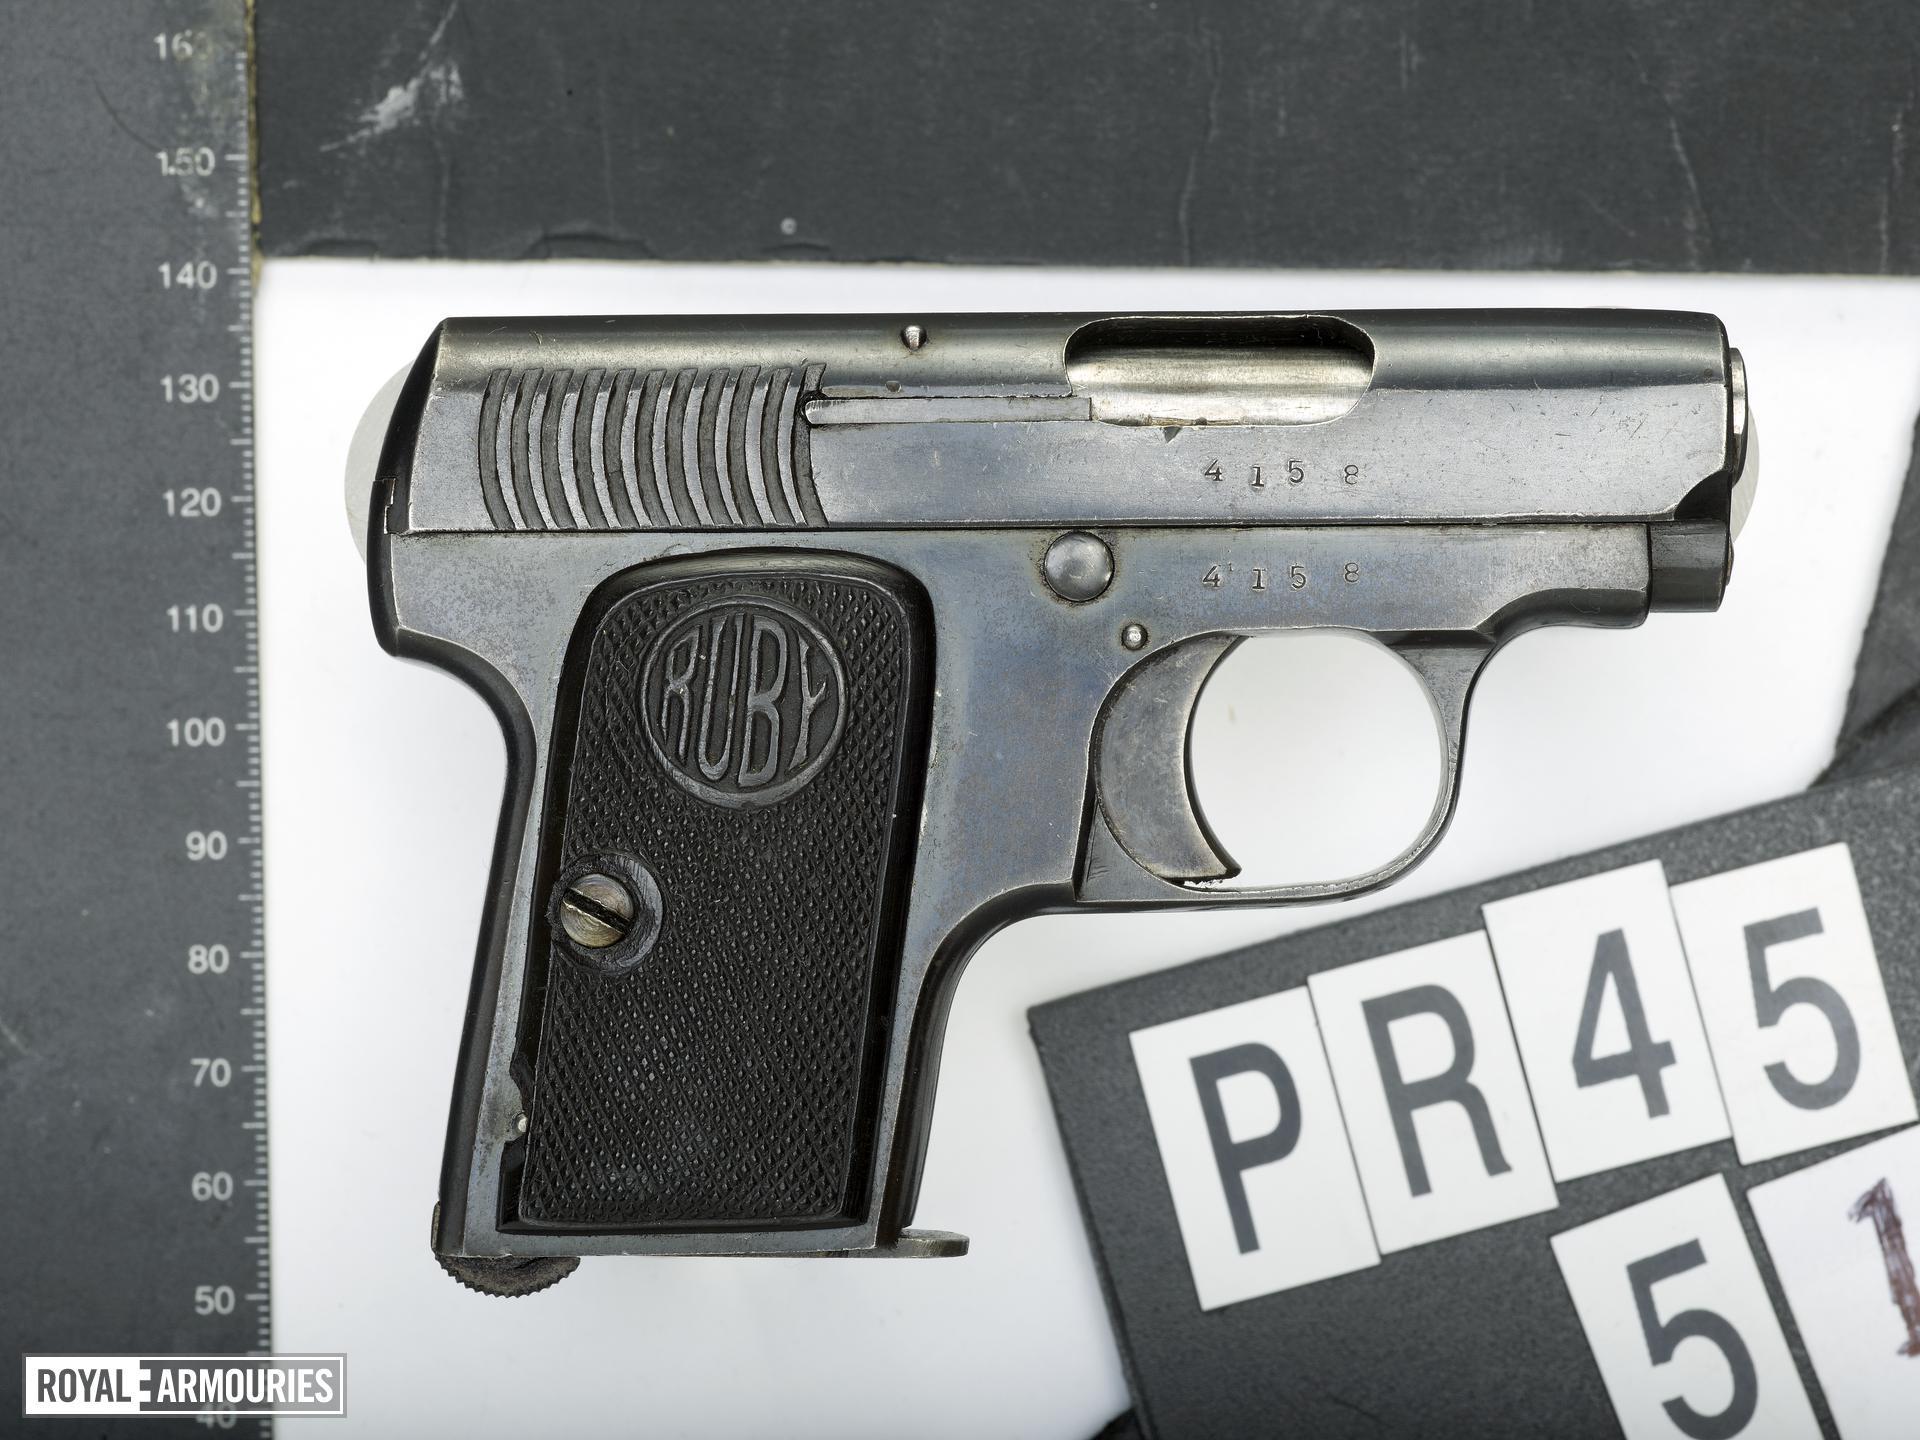 Centrefire self-loading pistol - Ruby